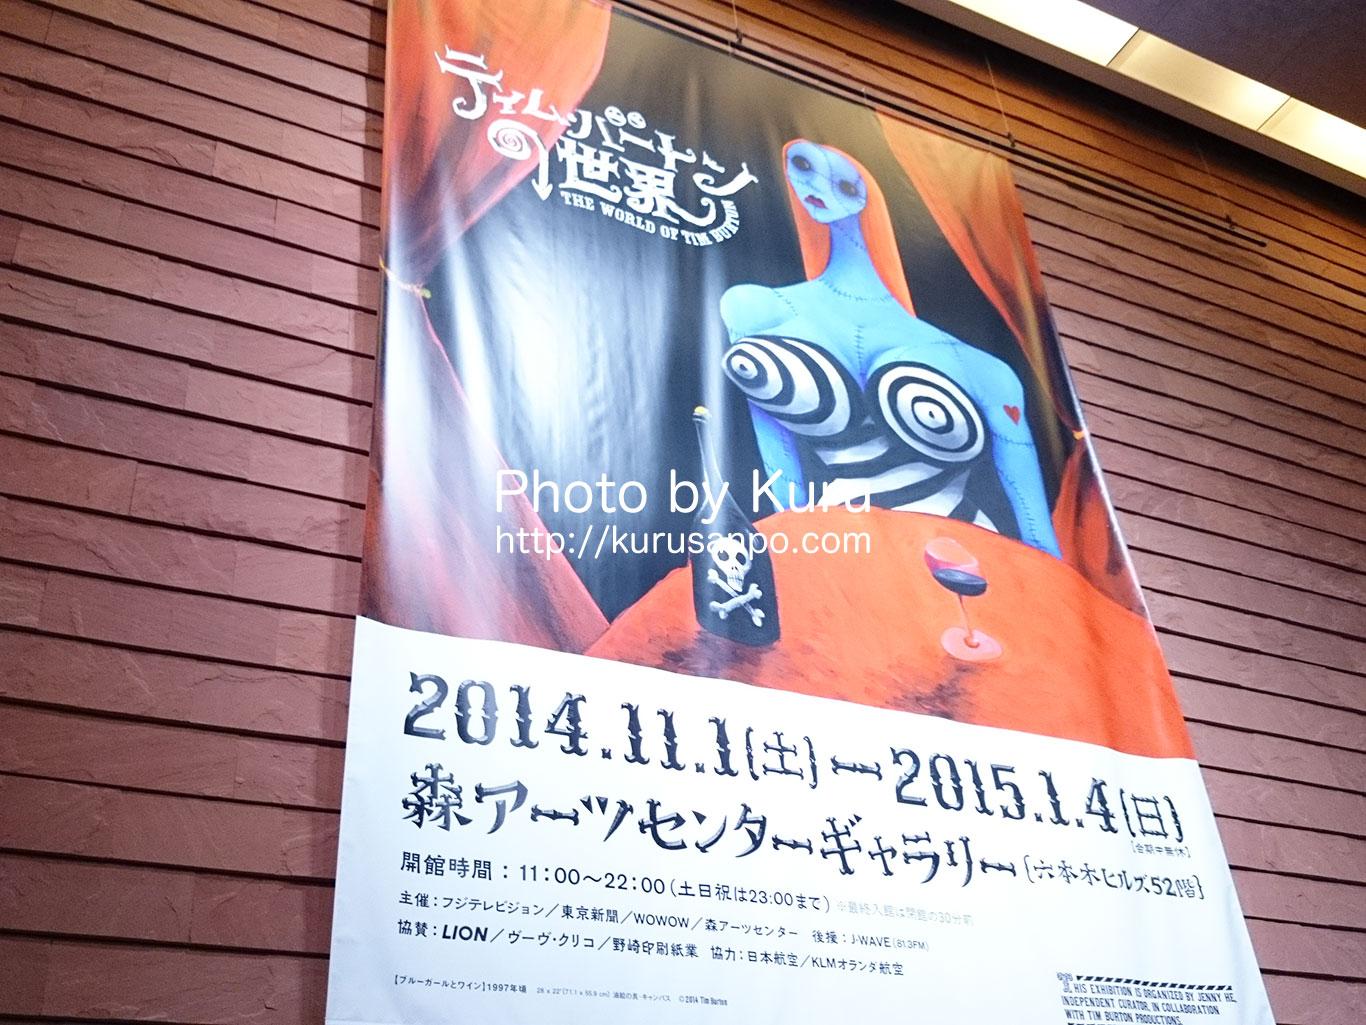 『ティム・バートンの世界』@六本木・森アーツセンターギャラリーに行ってきた♪